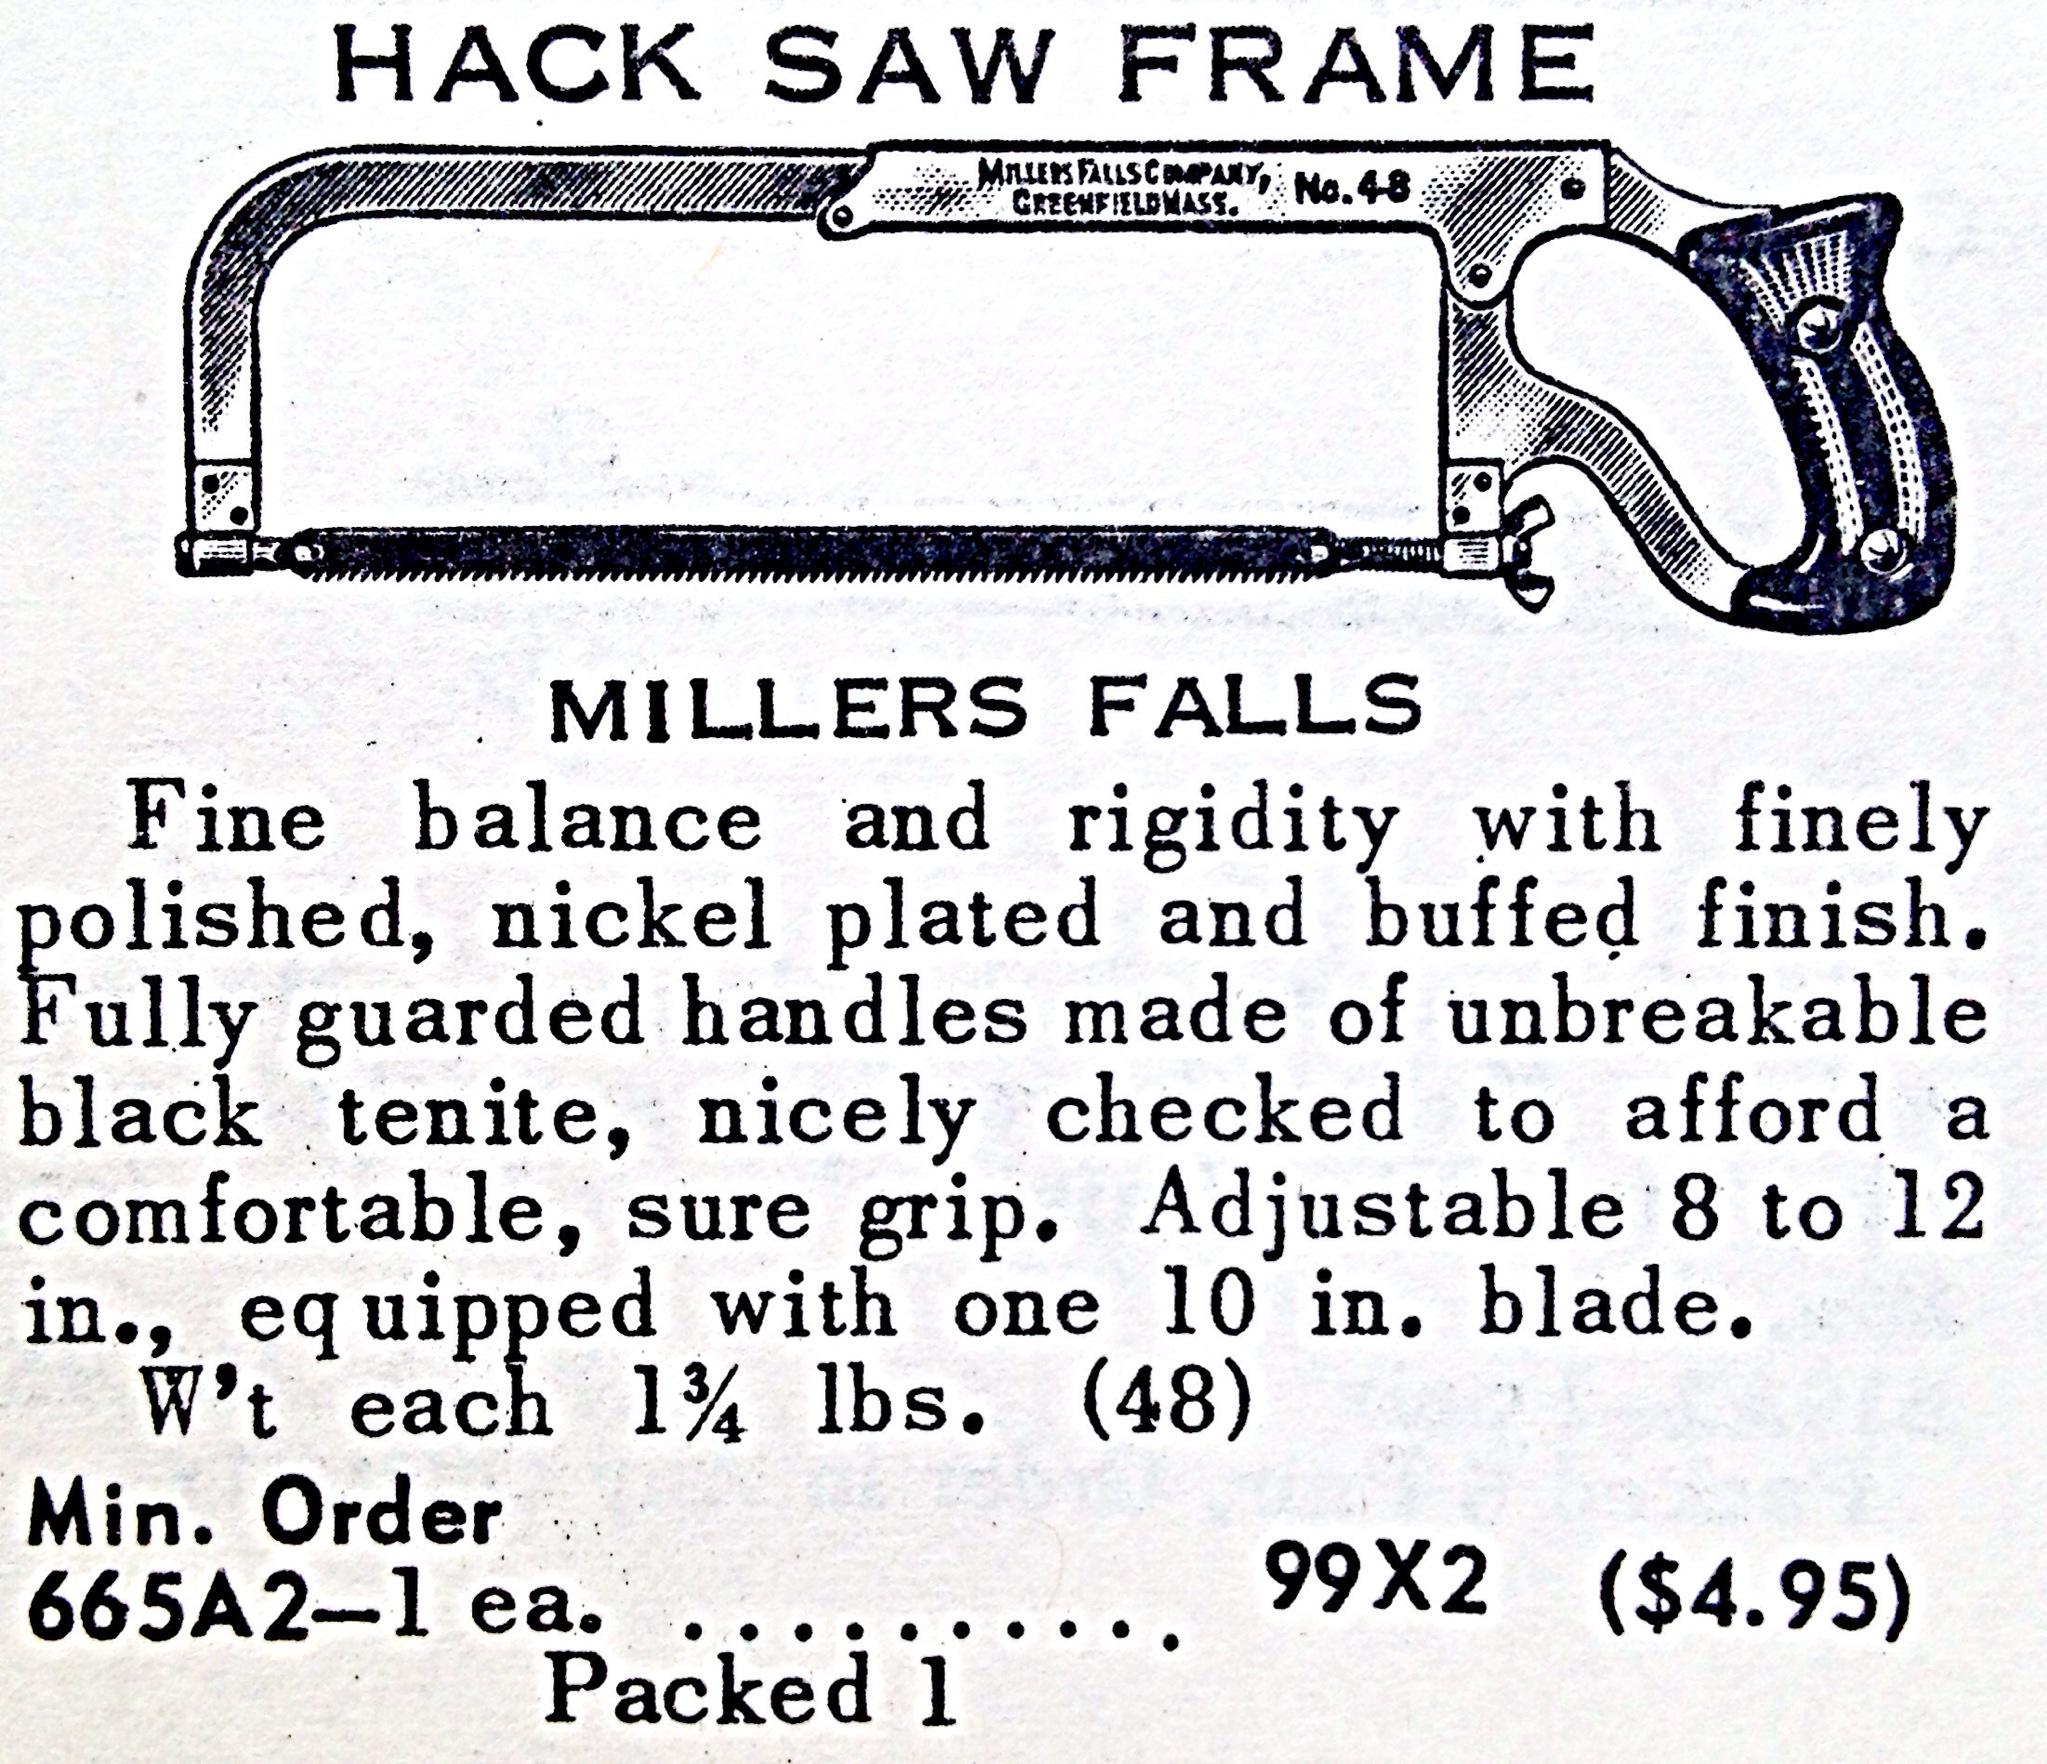 Hack Saw Frame